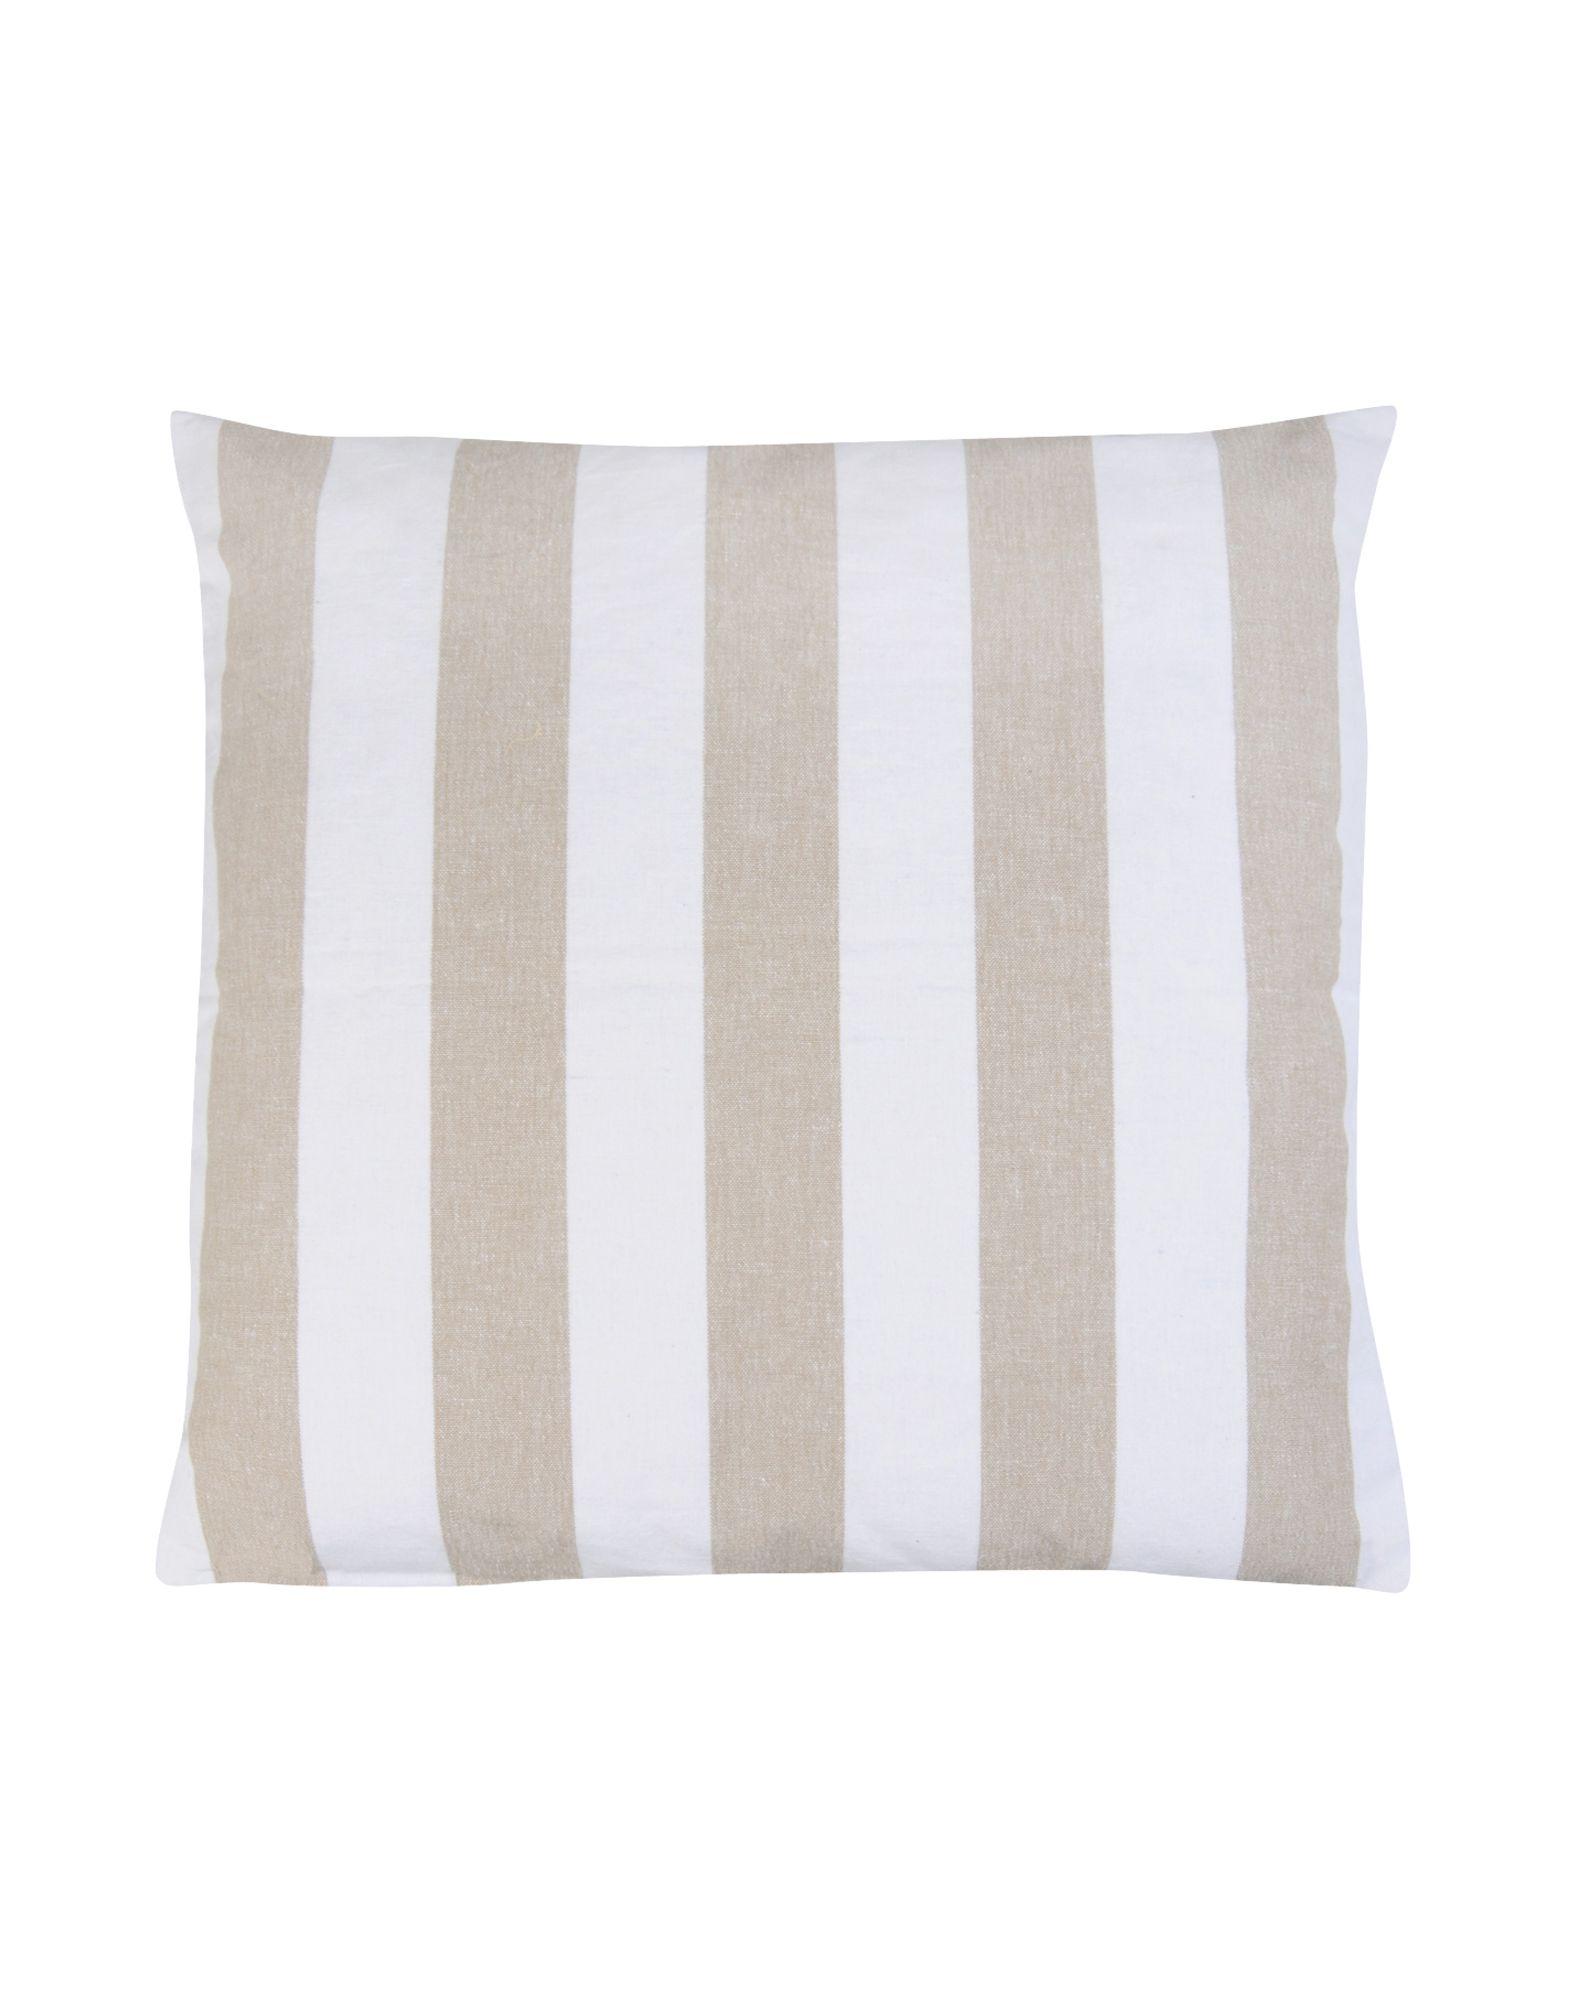 《送料無料》BROSTE COPENHAGEN Unisex クッション サンド 紡績繊維